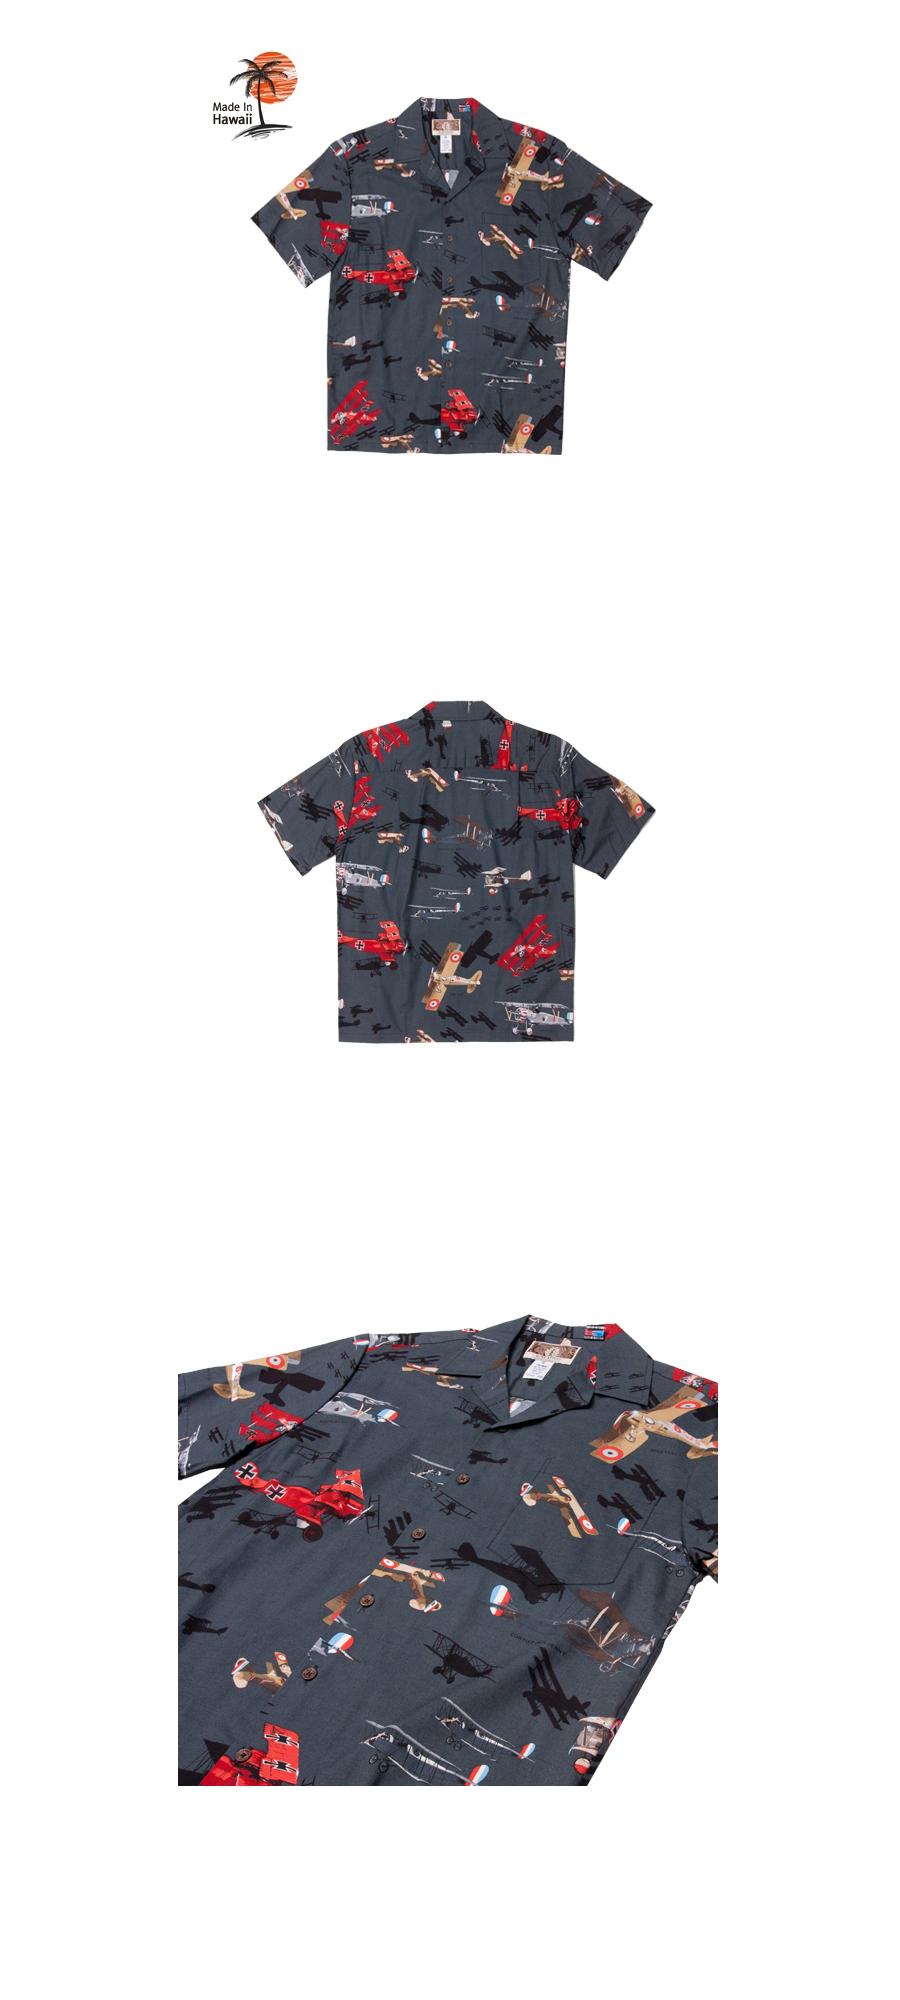 로버트제이씨 하와이(ROBERT J.C HAWAII) 250.845 Hawaii Shirts [Black]